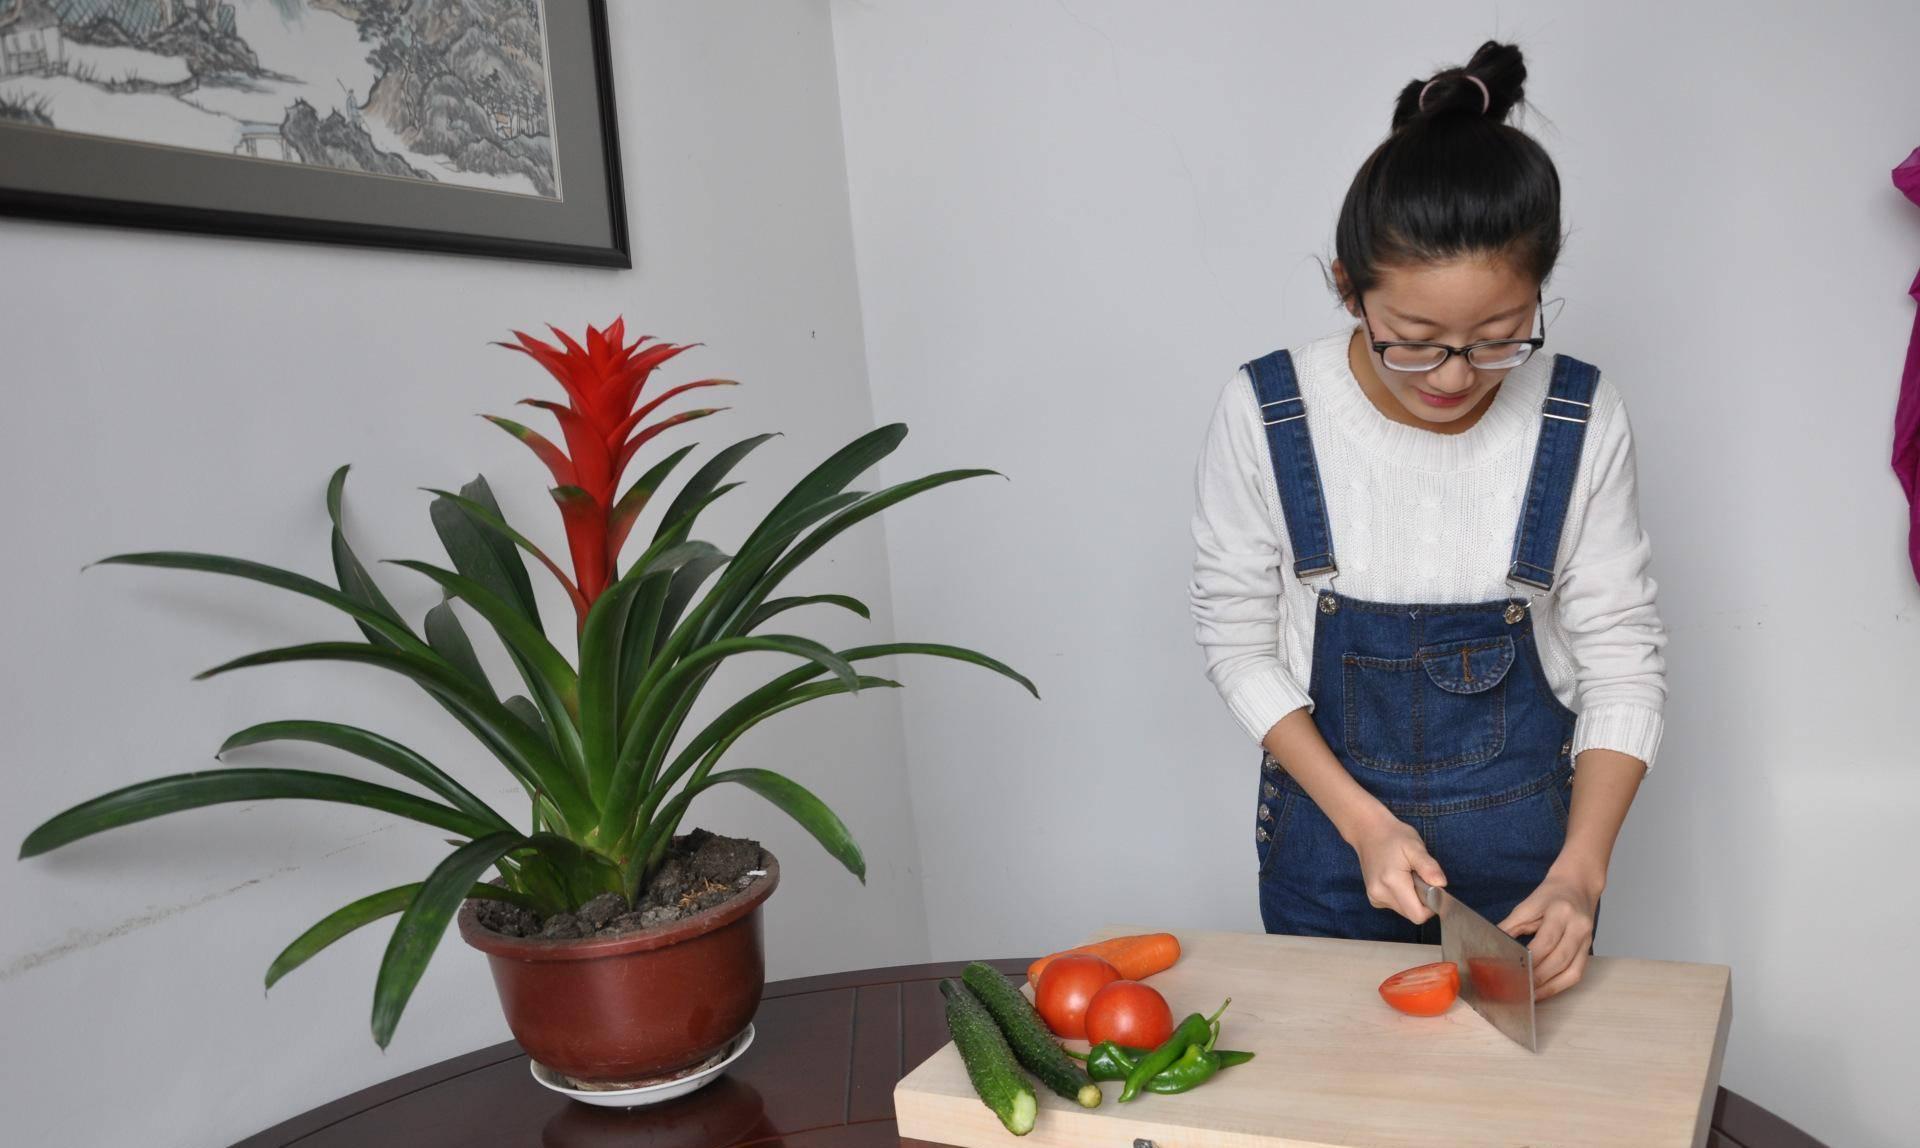 供应健康切菜板 整块天然实木抗菌防毒椴木菜板